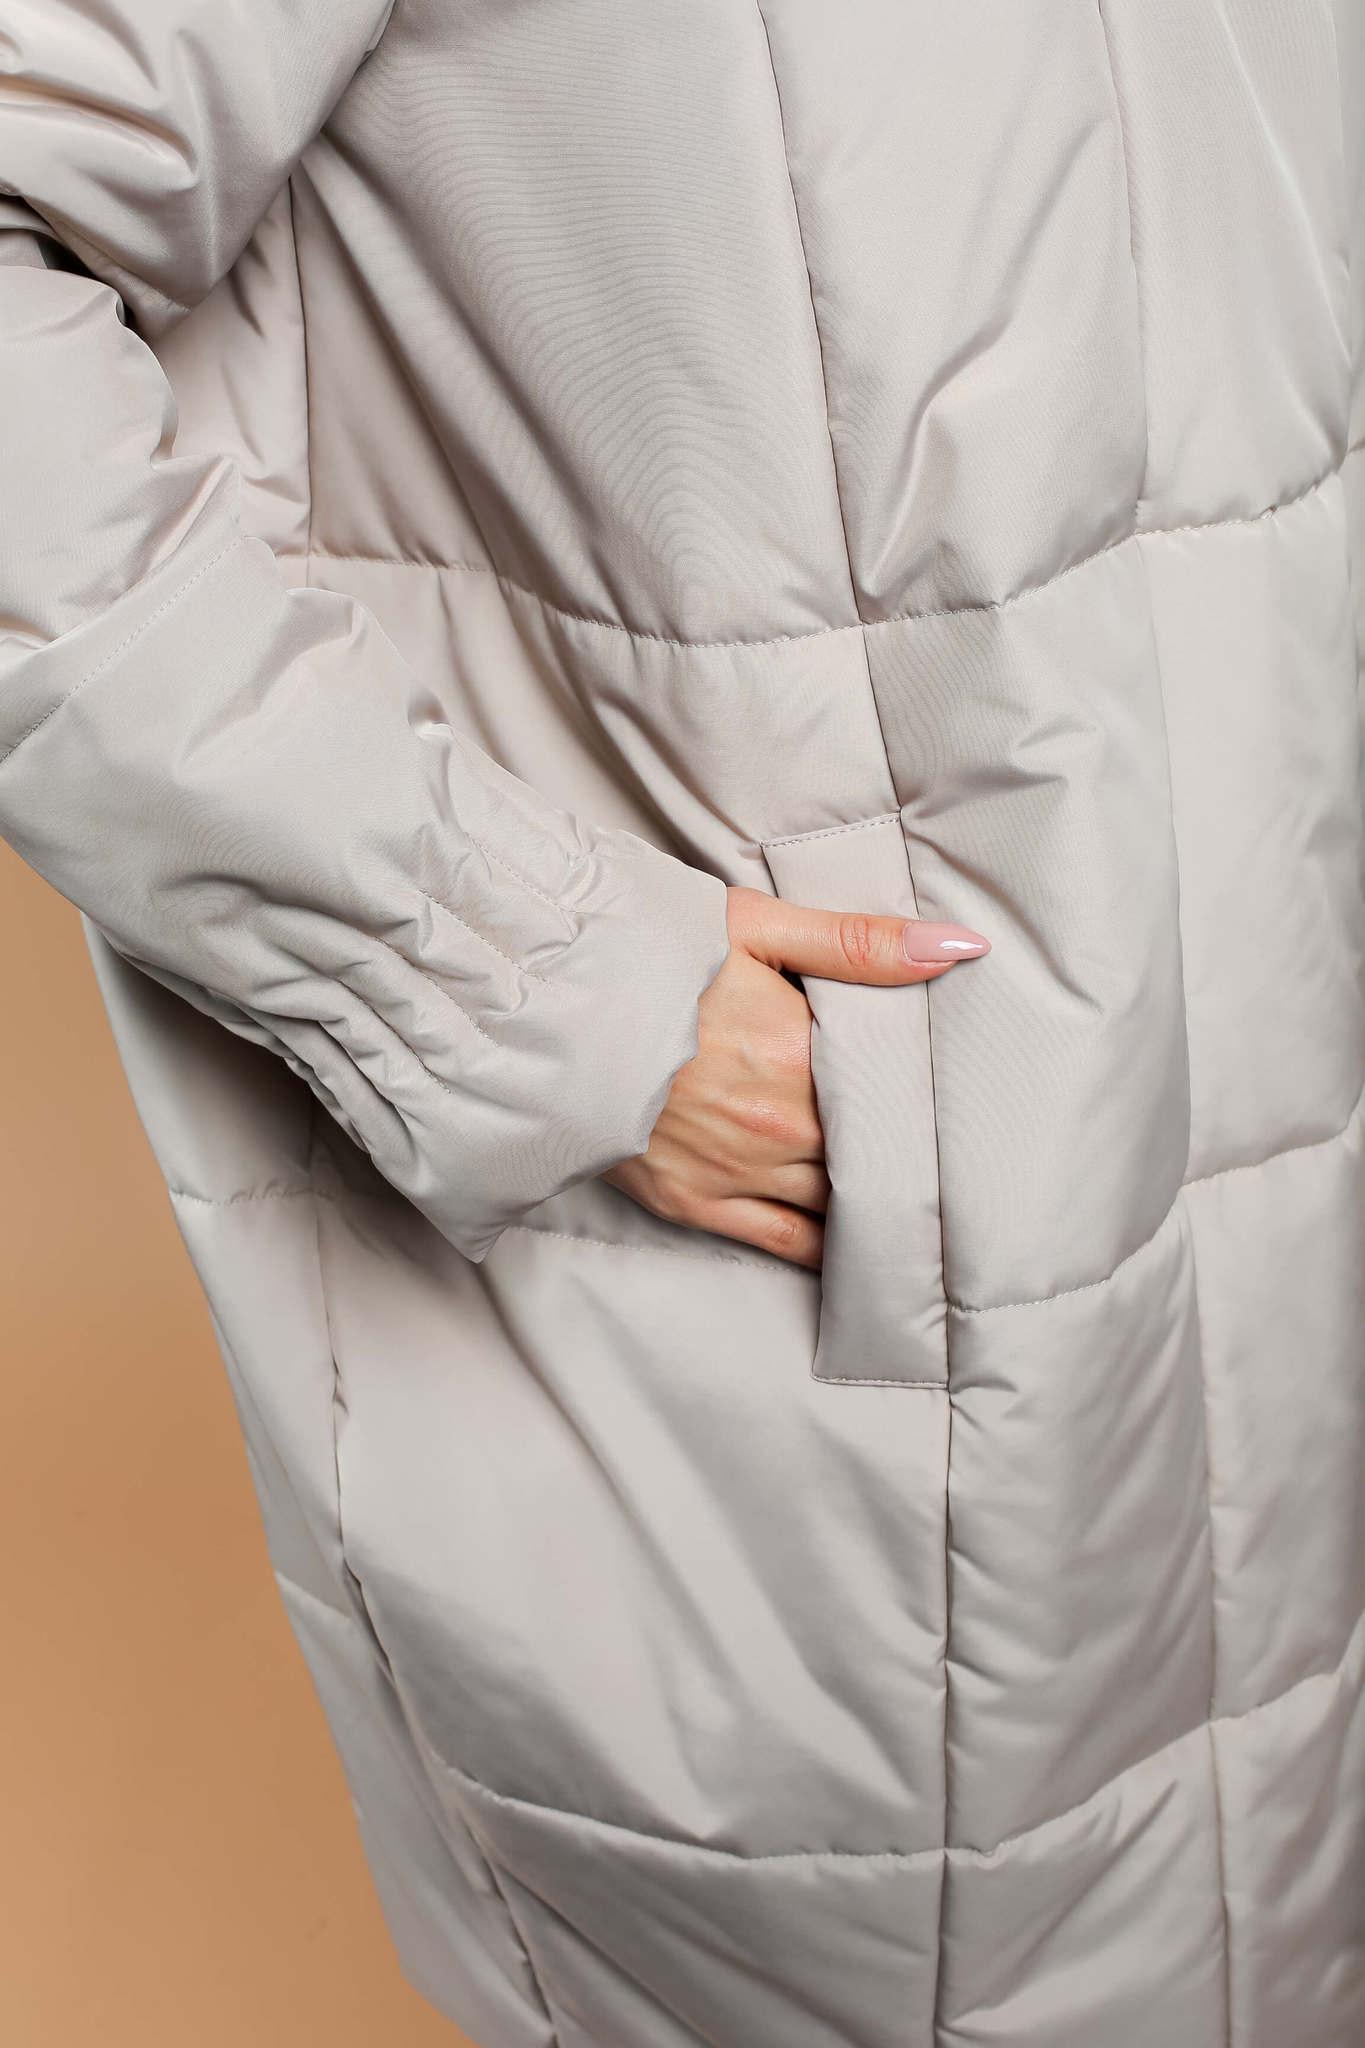 Пуховик-одеяло средней длины